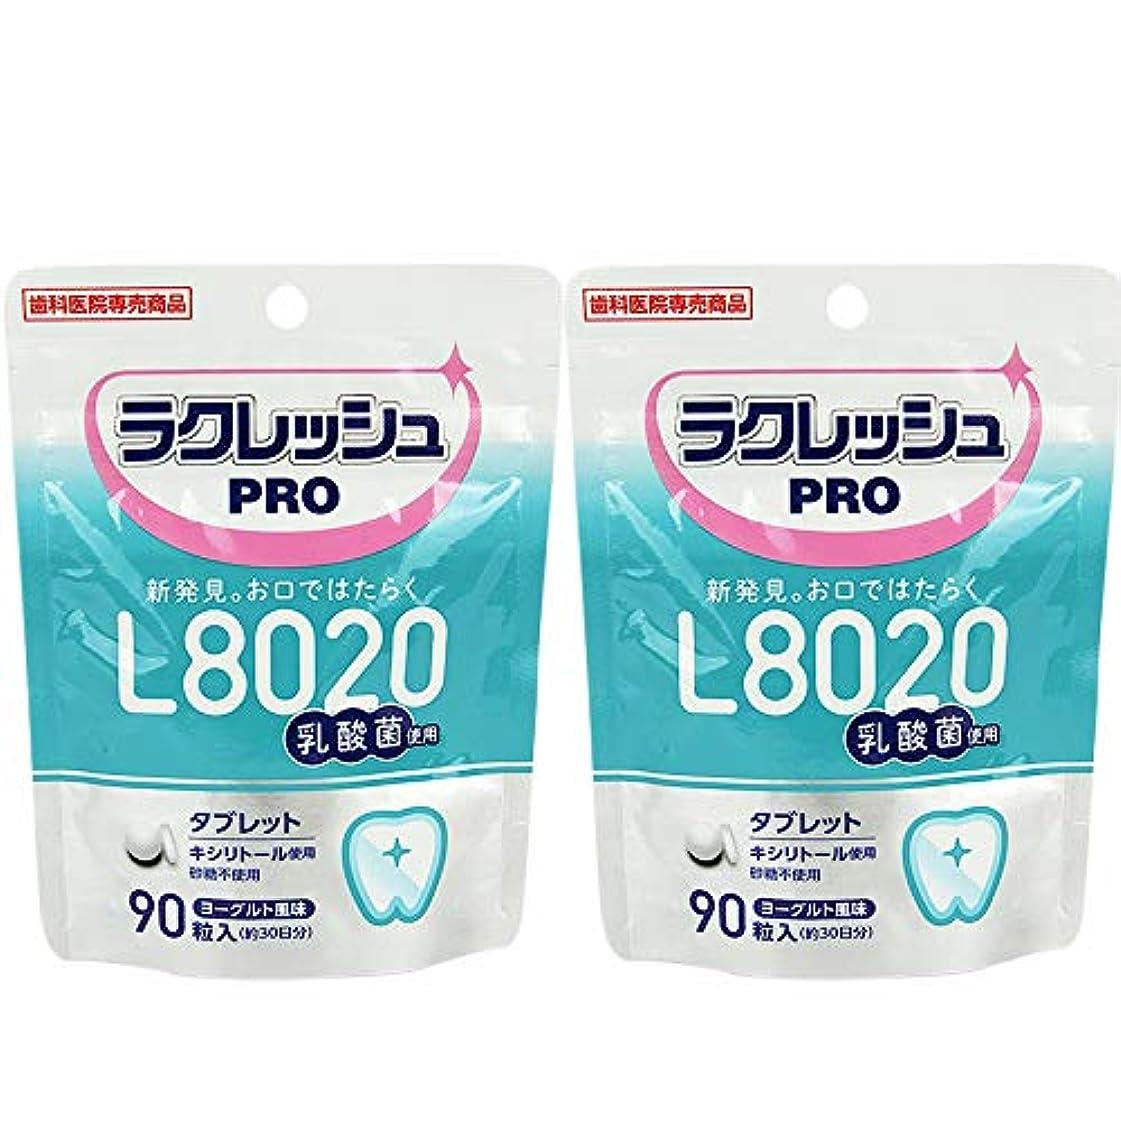 気を散らす期限狂信者L8020 乳酸菌 ラクレッシュ PRO タブレット 90粒 × 2個 歯科専売品